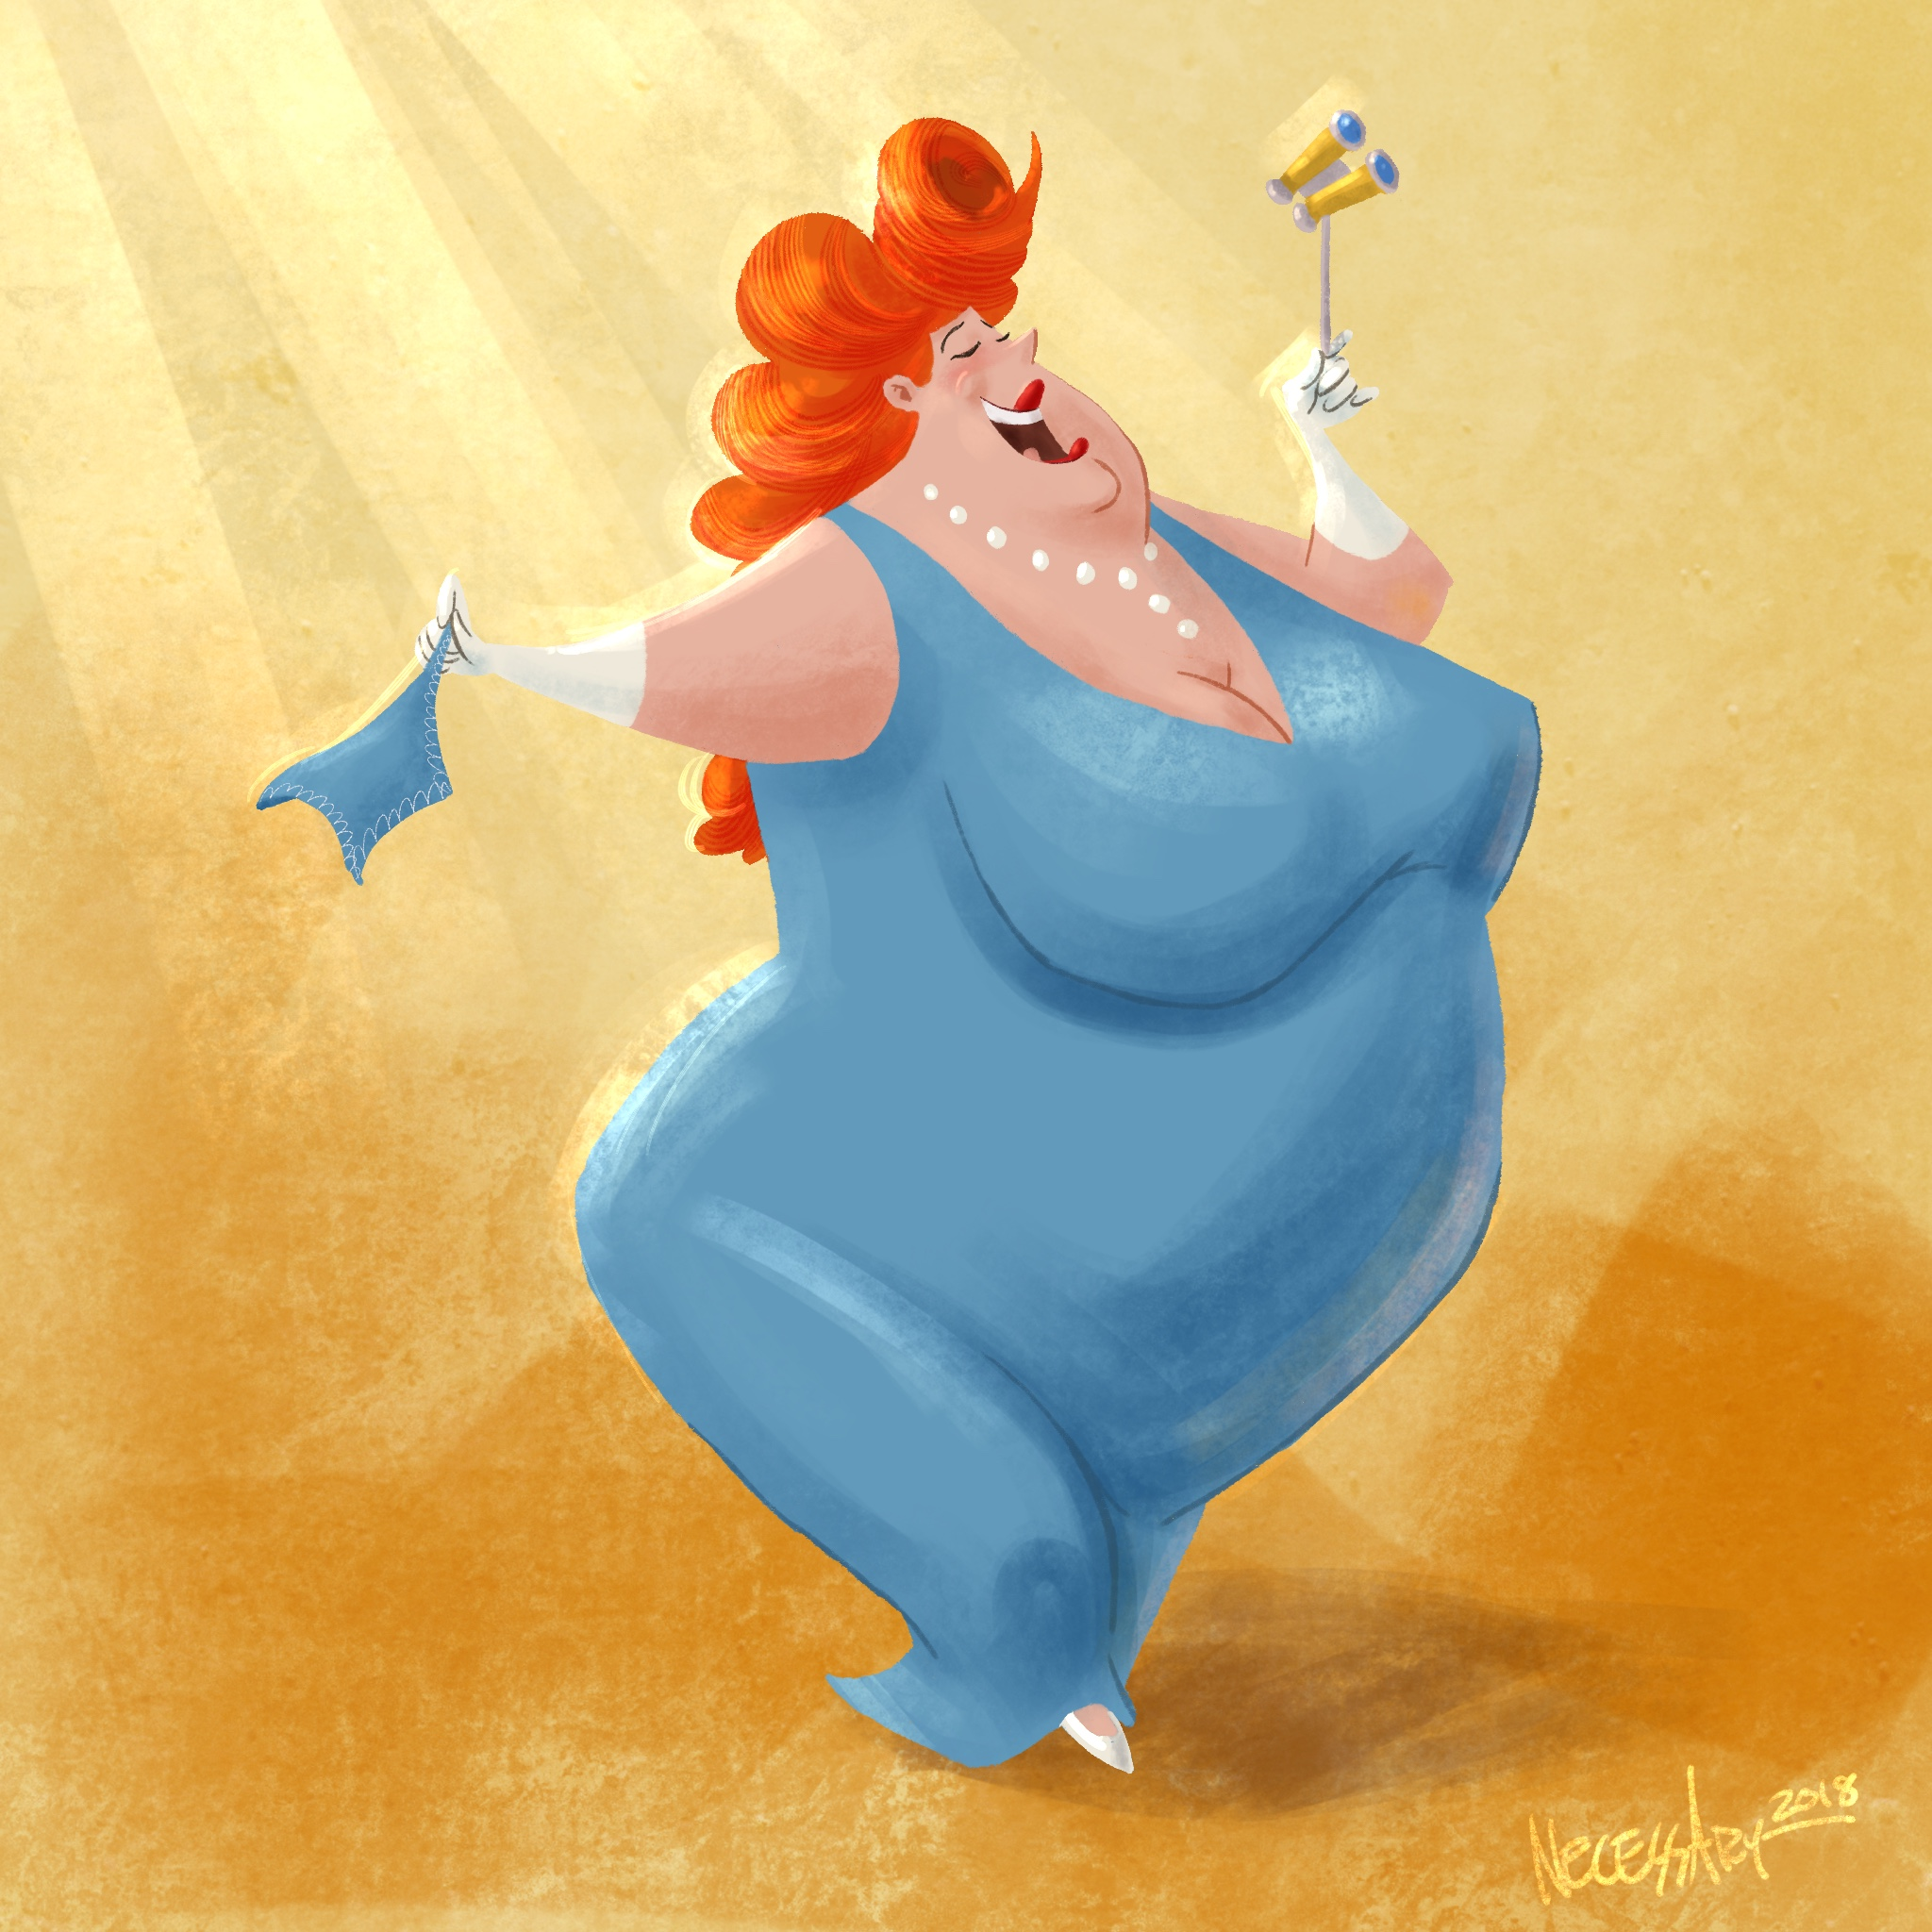 The Opera Fan